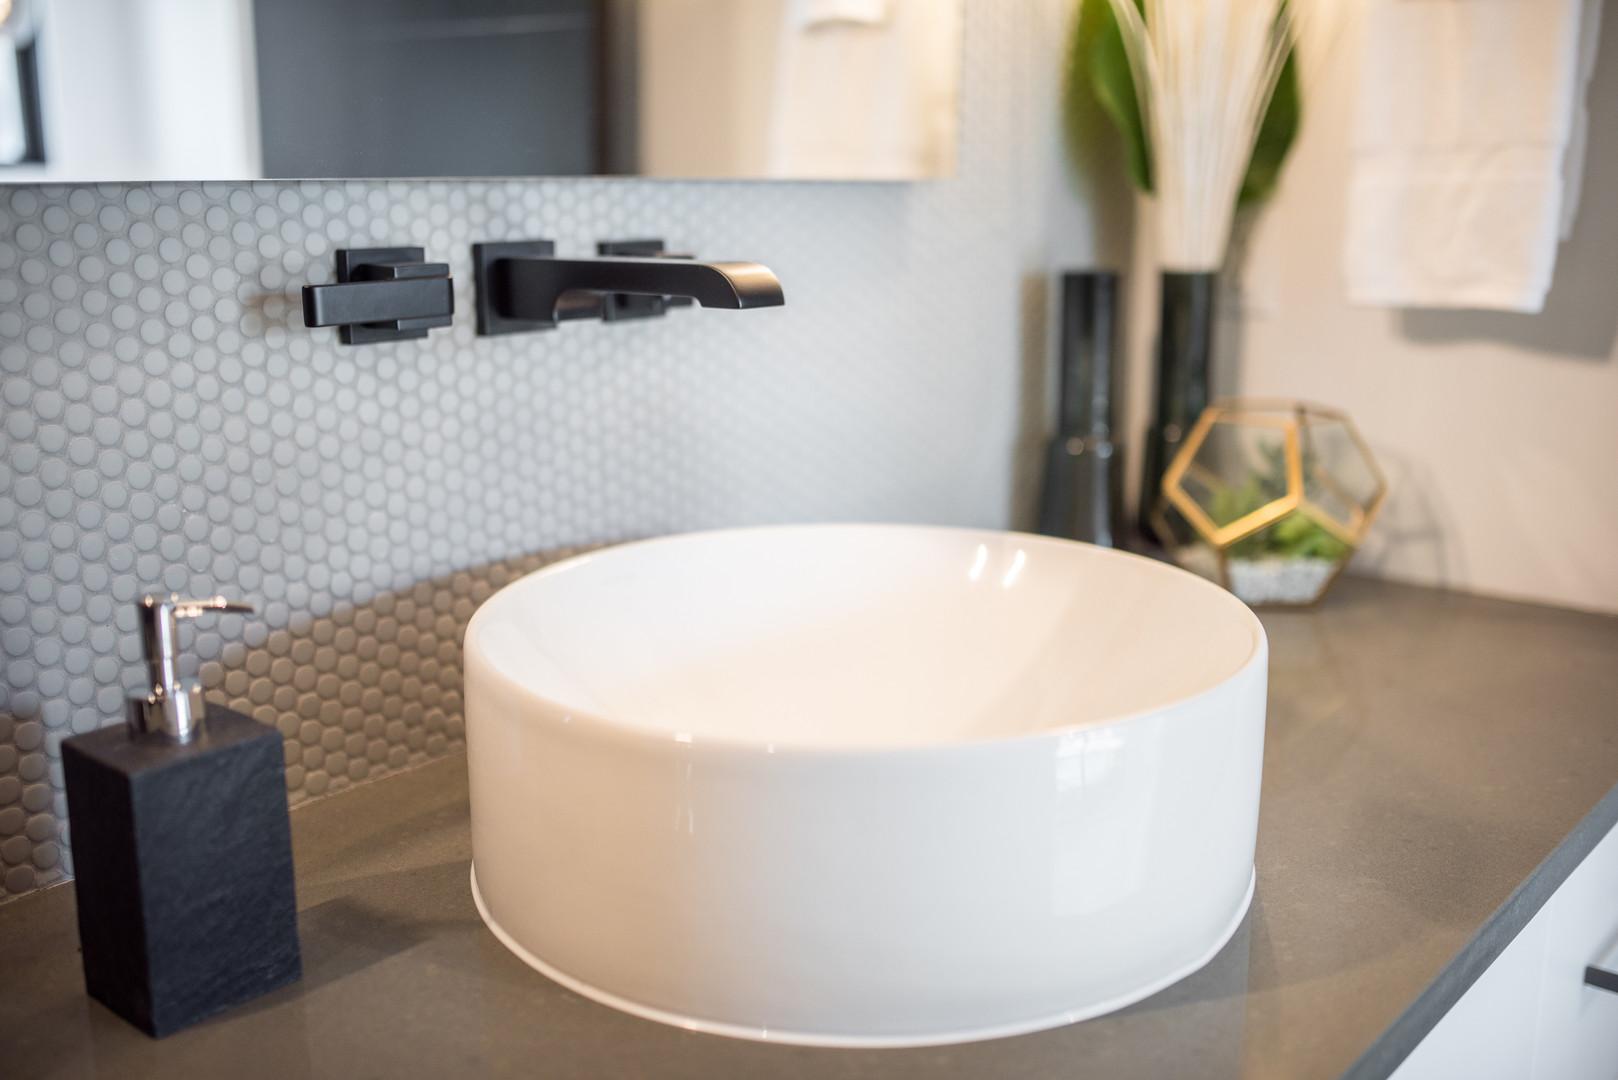 Bathroom Round Sink & Black Taps